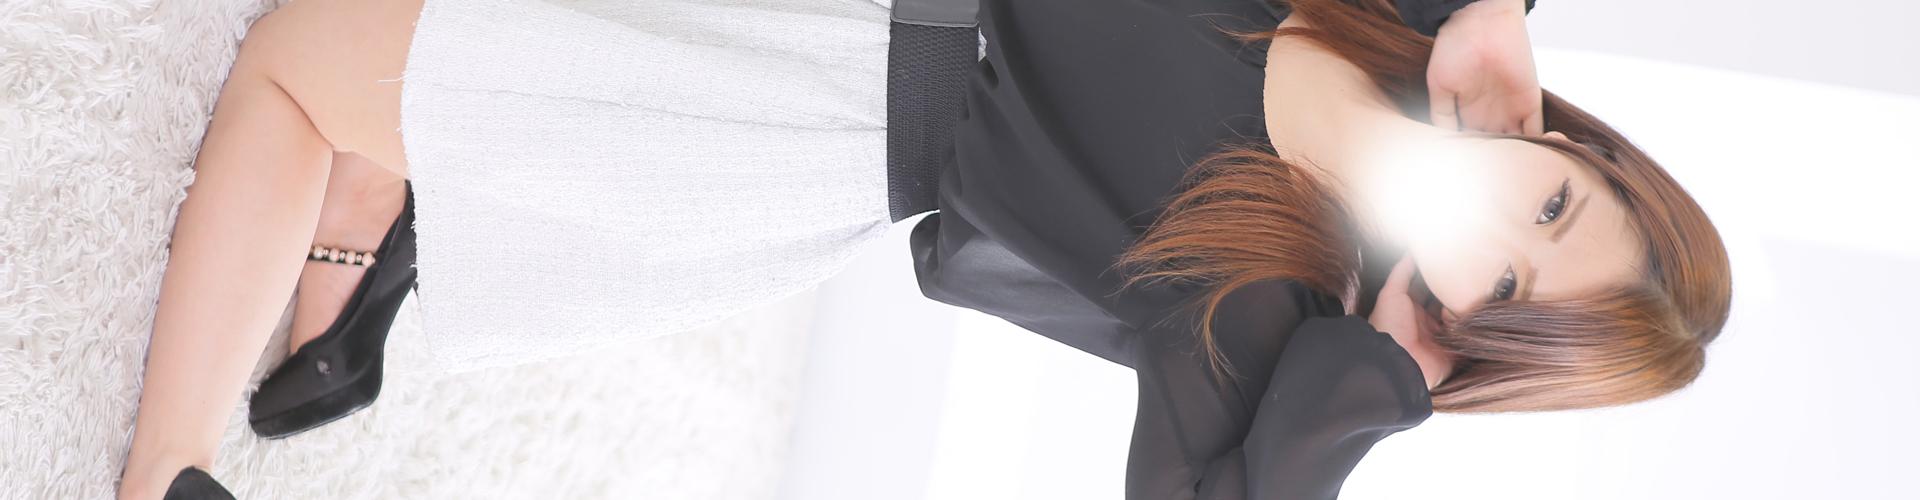 船橋・千葉・錦糸町のデリヘル・風俗なら【キャンパスサミット船橋店】モデルいぶ写真